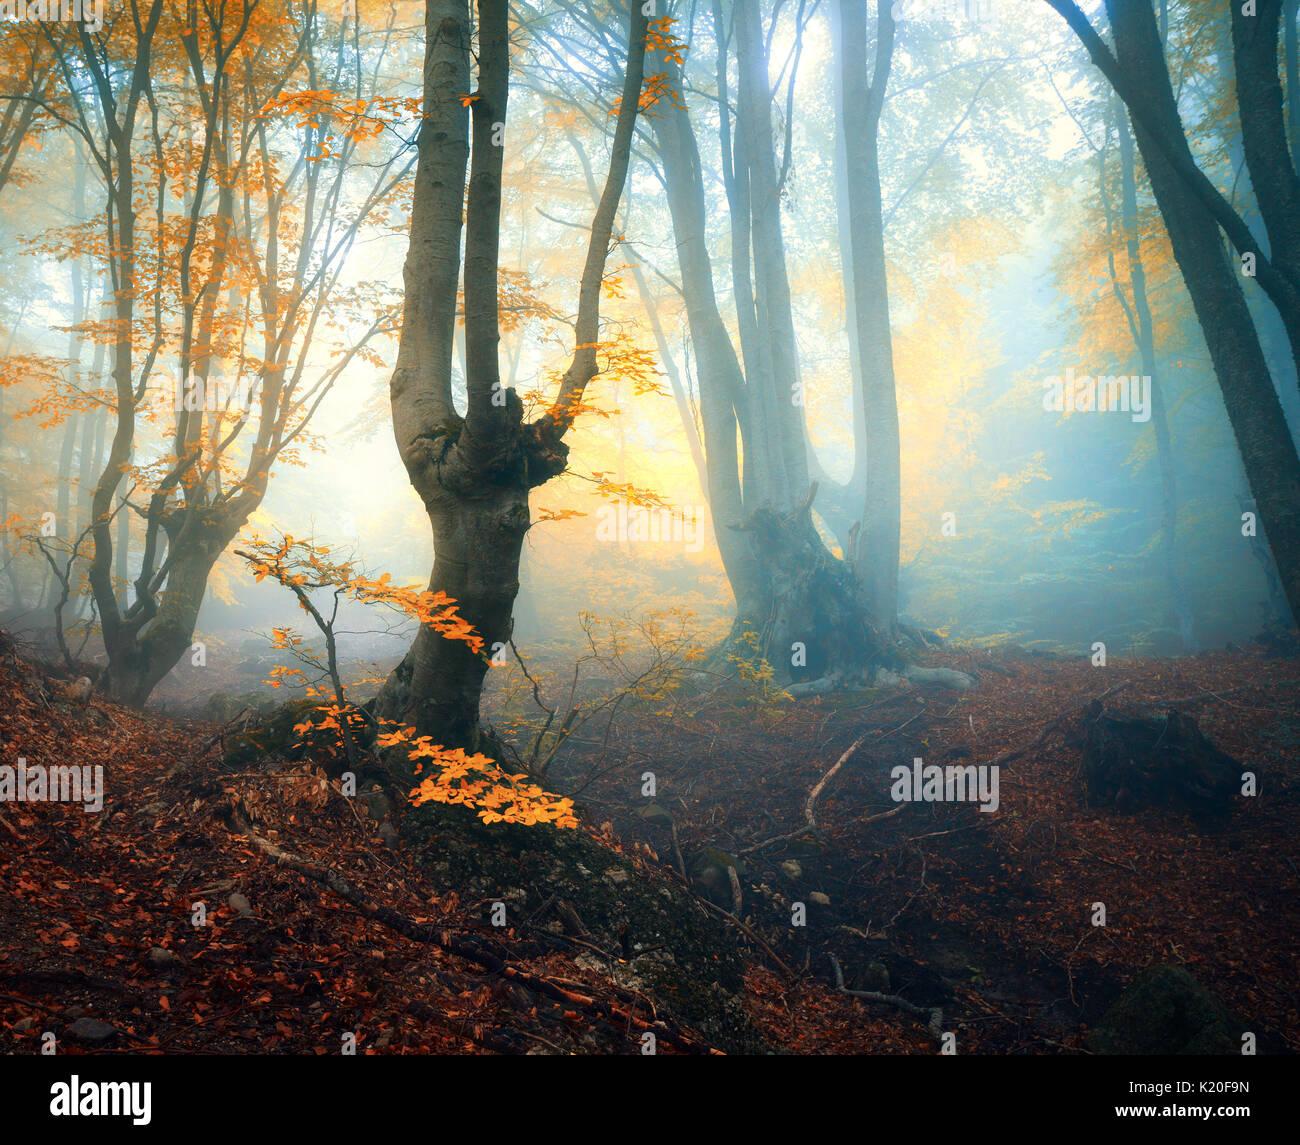 Märchen Wald im Nebel. Herbst Wald. Die verzauberte Herbst ...